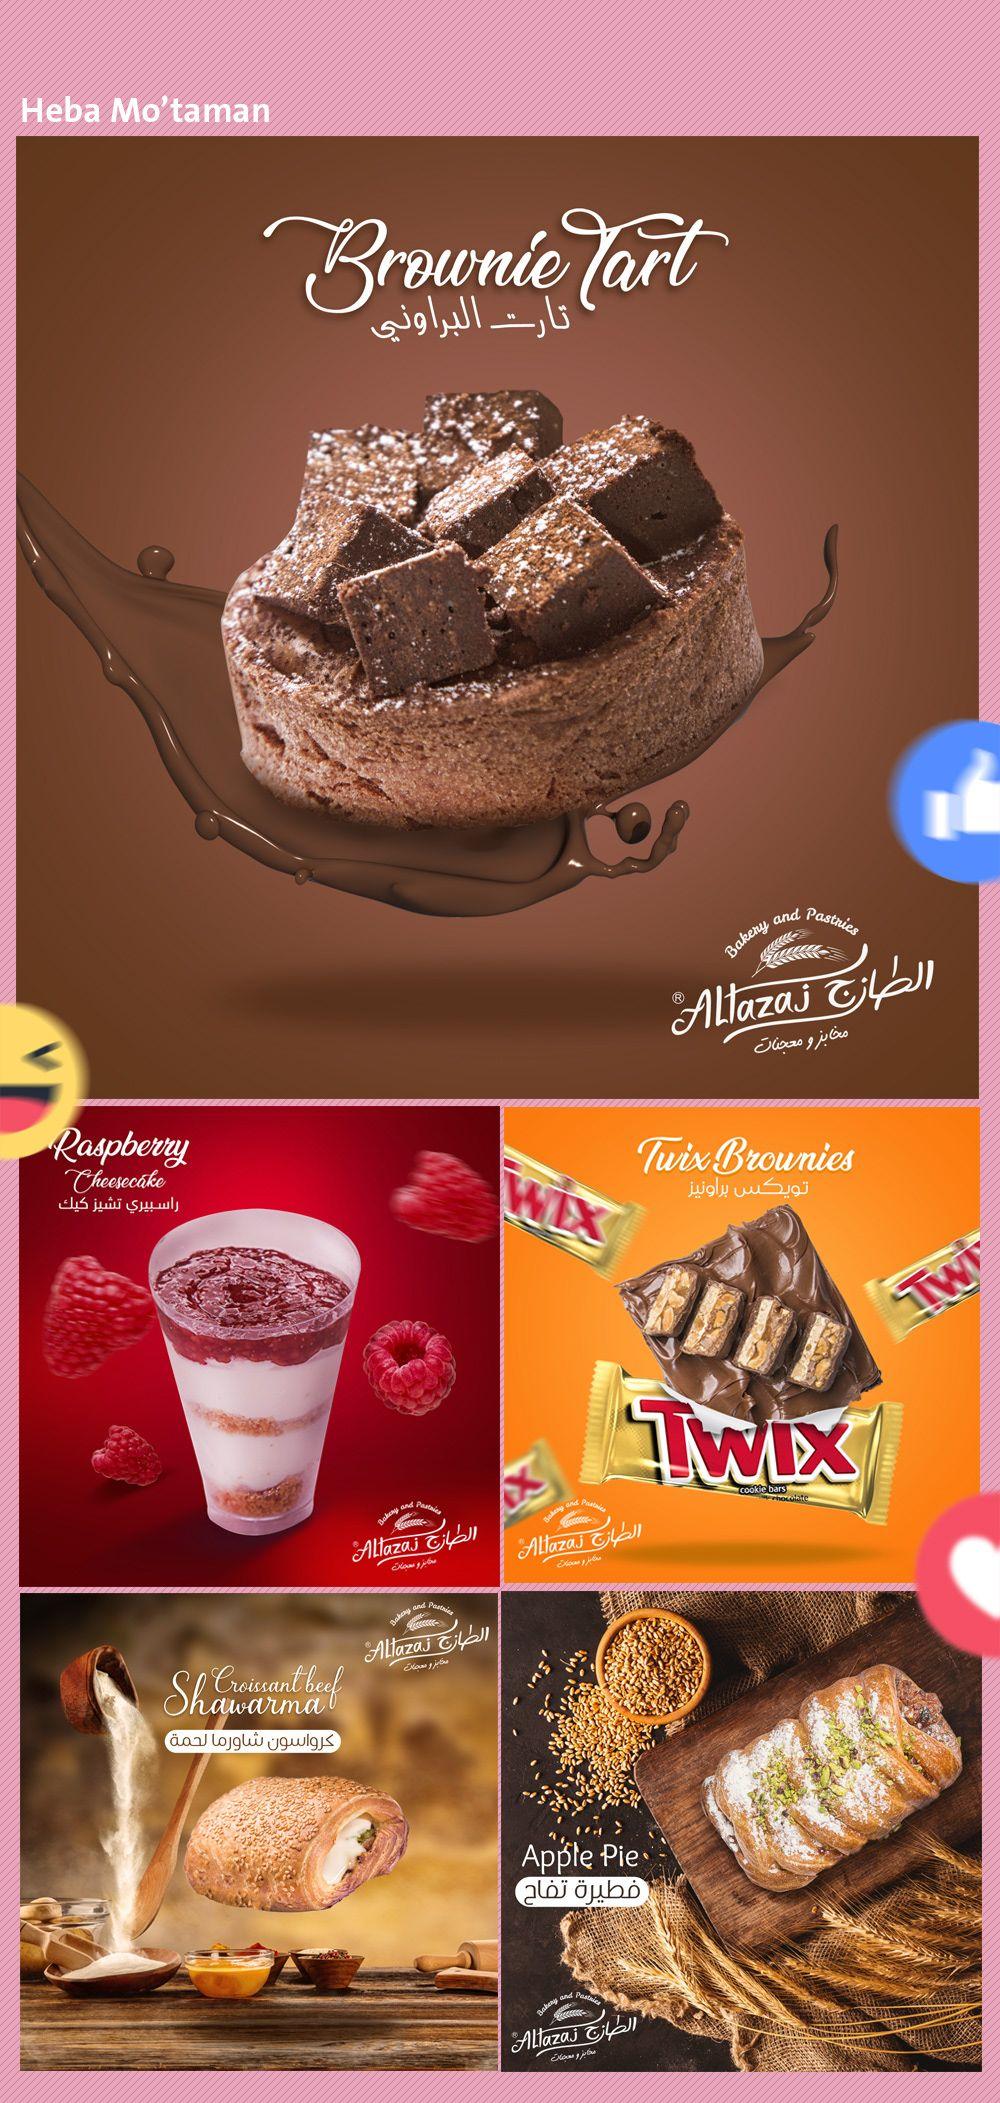 Al Tazaj Social Media Designs On Behance Media Design Social Media Design Social Media